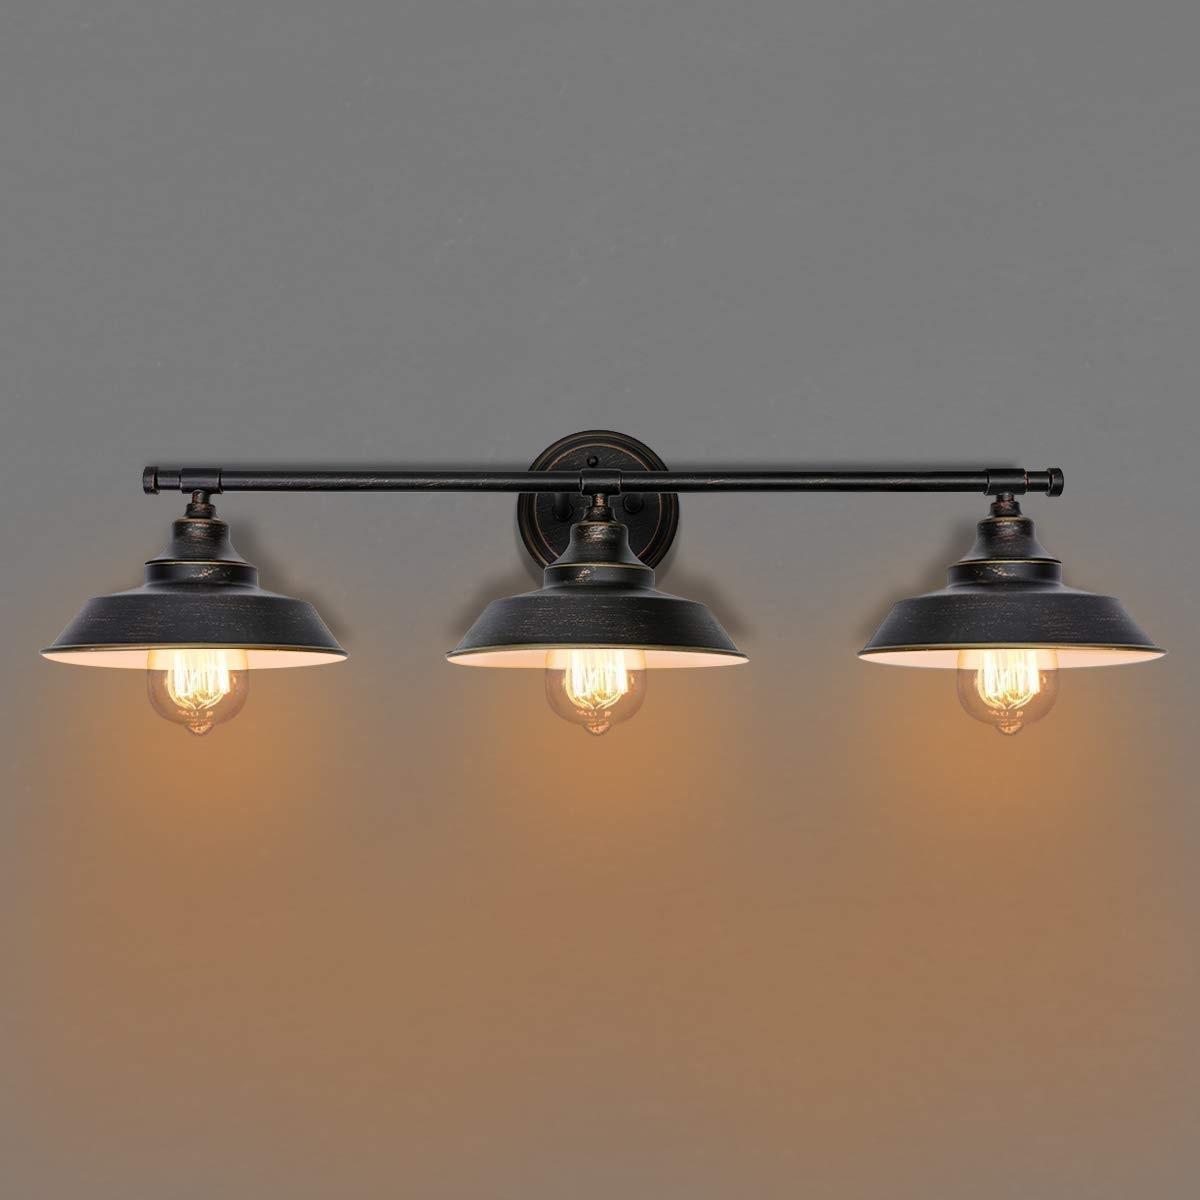 Bathroom Vanity Light 3 Light Wall Sconce Fixture Industrial Indoor Wall Lamp Vintage Bedroom Bedside Antique Wall Mount Light